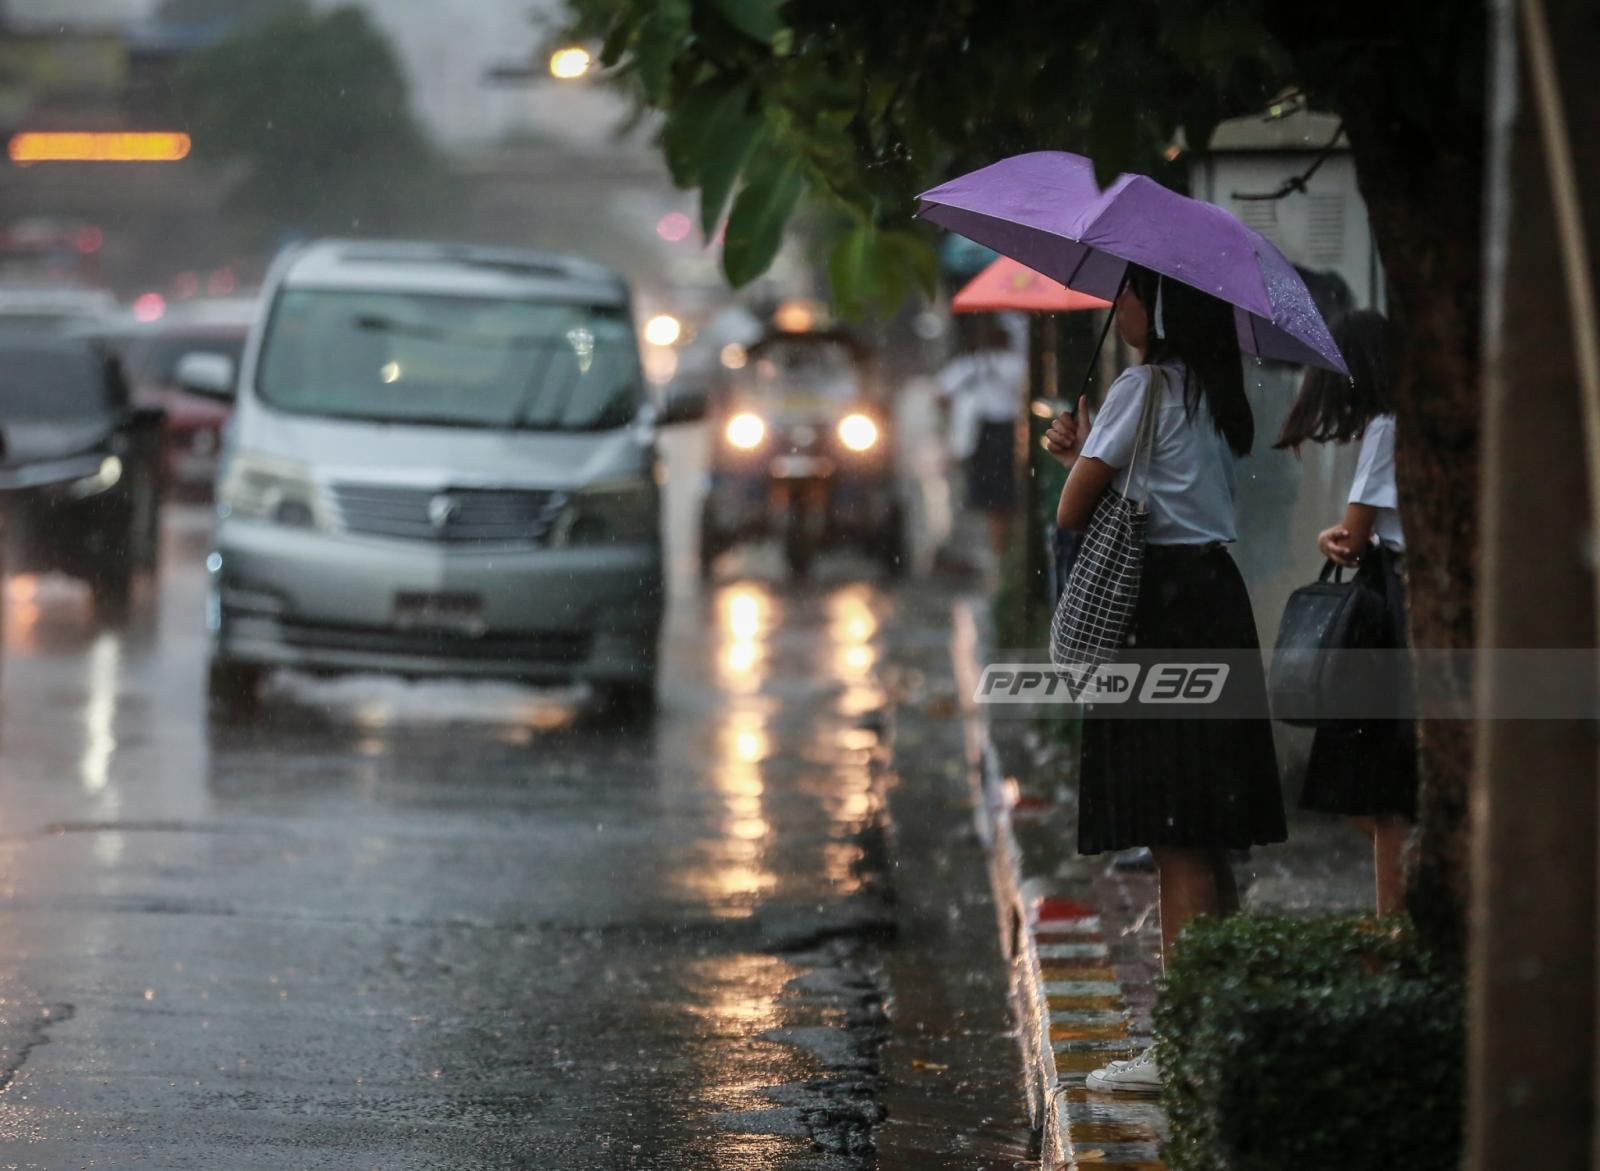 """อุตุฯพยากรณ์อากาศบางพื้นที่ """"ฝนตกหนัก-ลมแรง"""" ต่ออีก 1 วัน"""